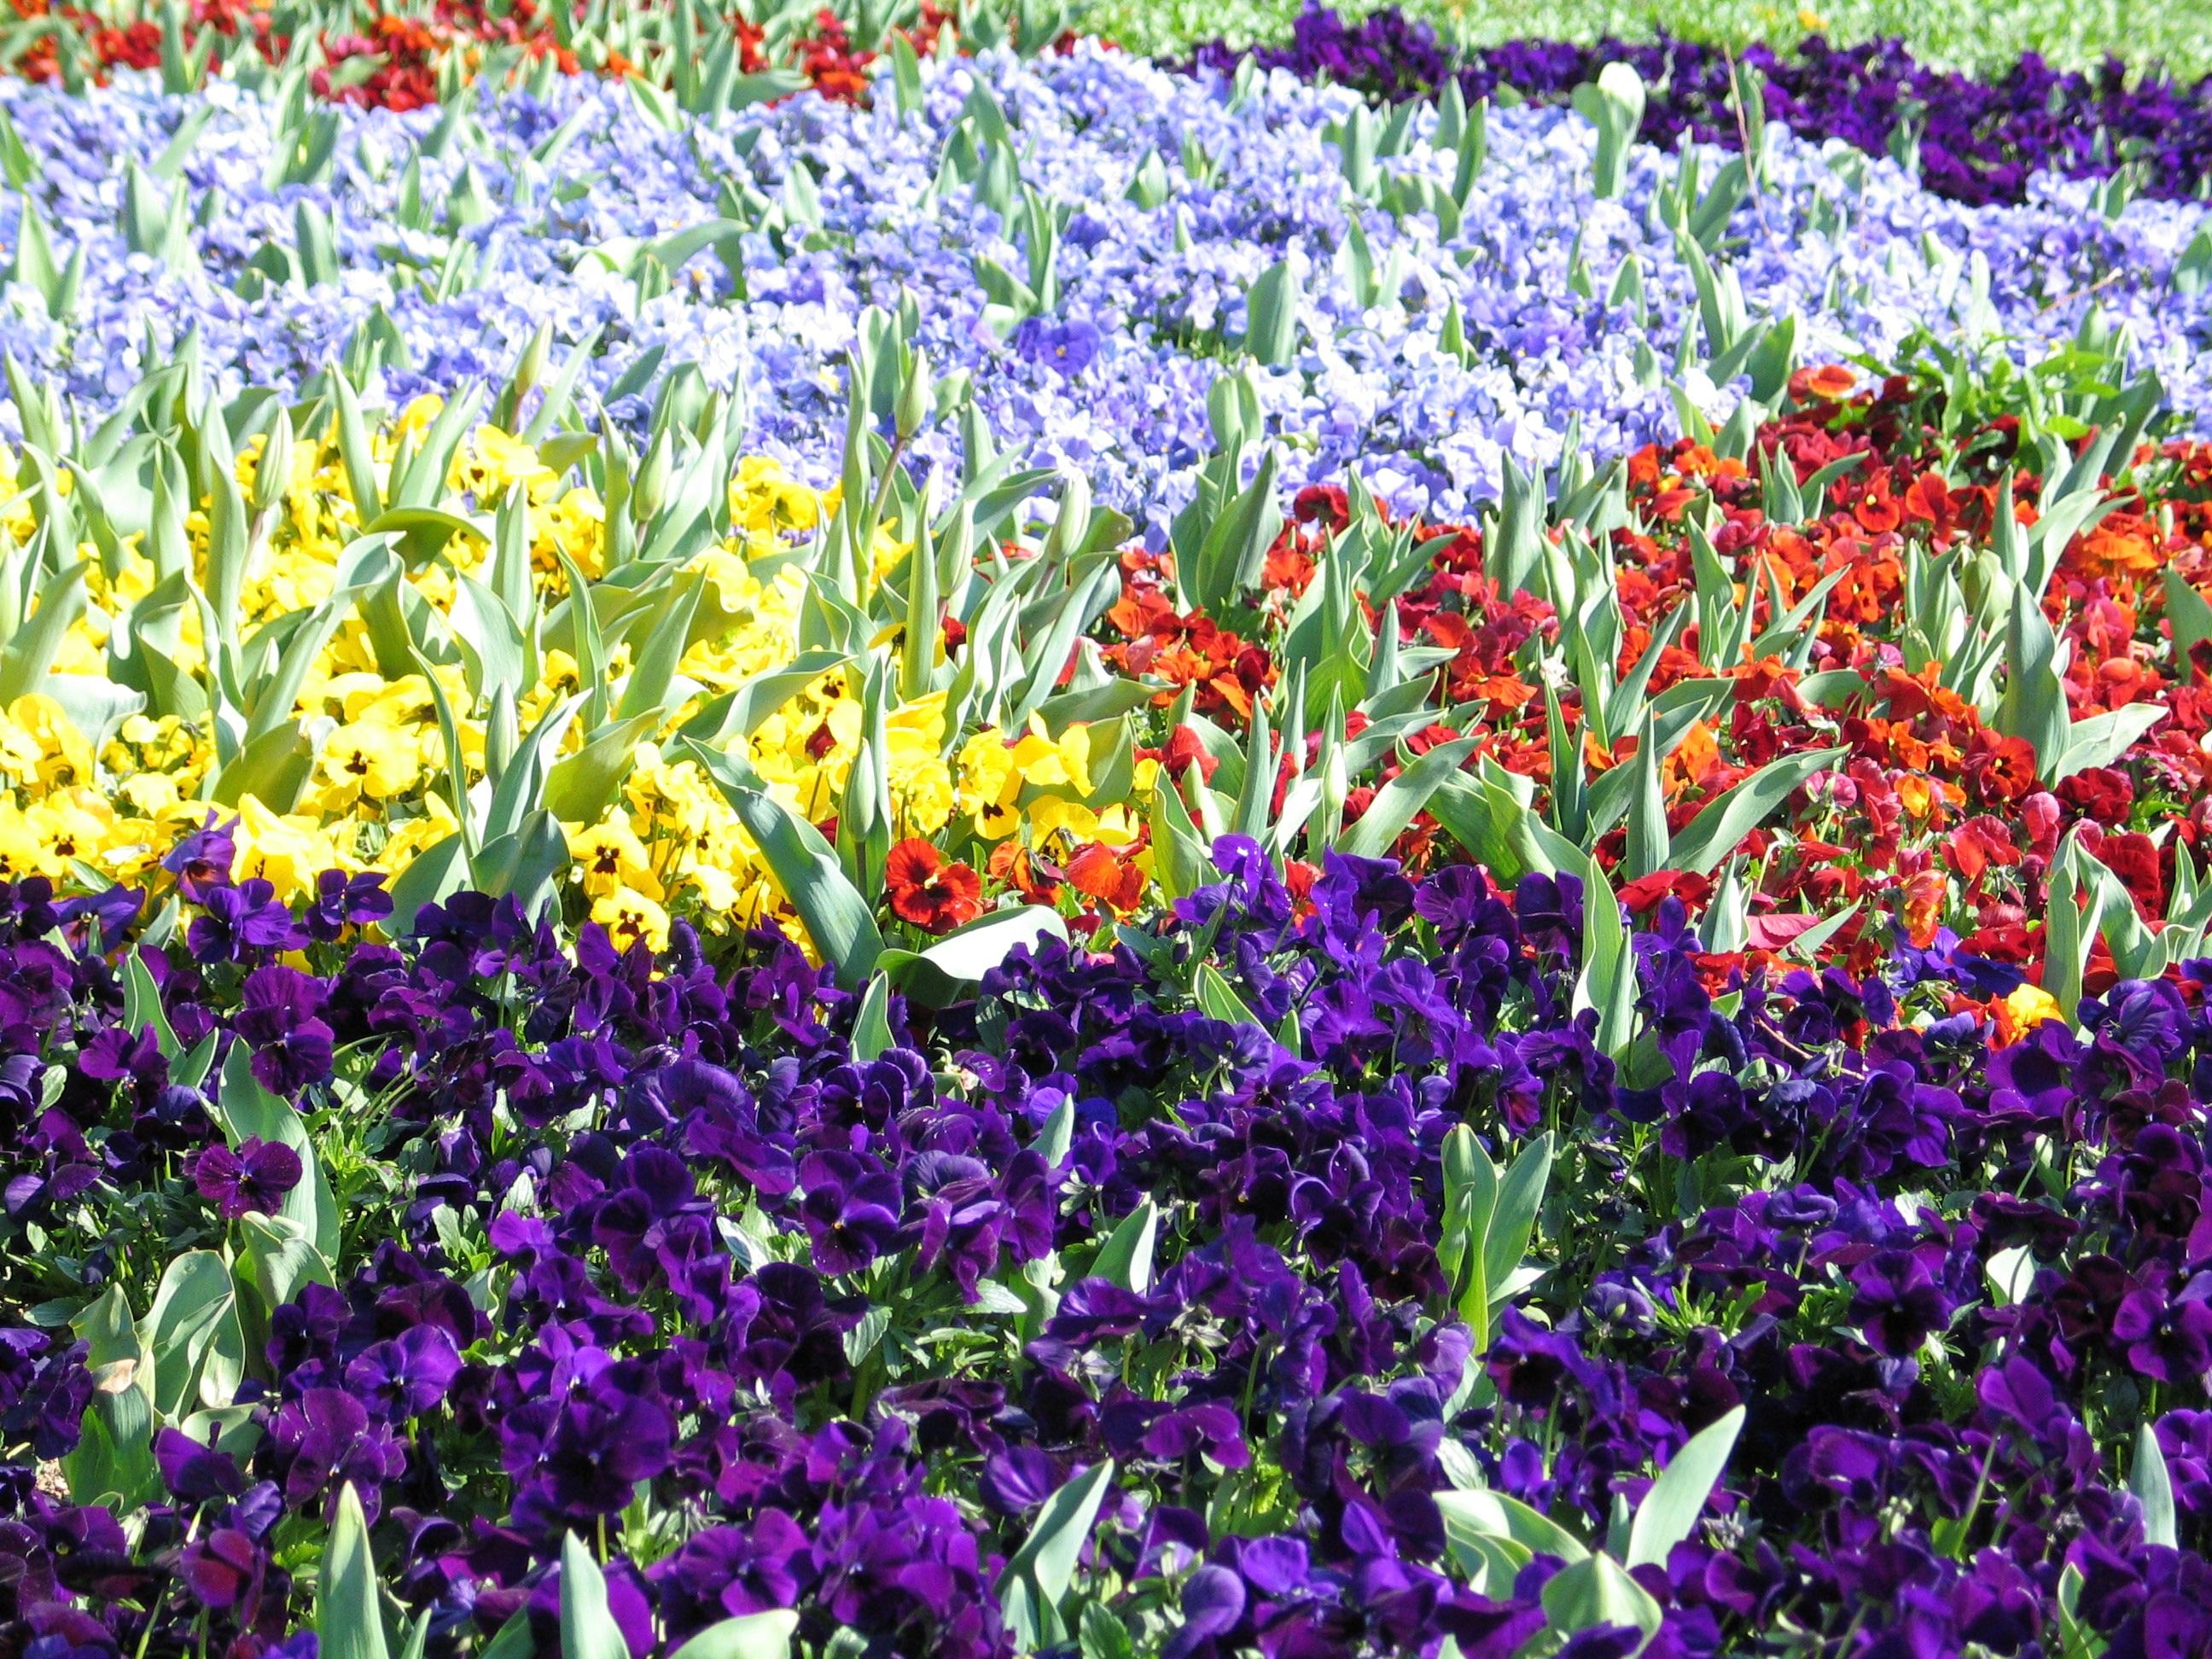 Blumenwiese Englisch kostenlose foto wiese blume rot bunt flora wildblume blumen